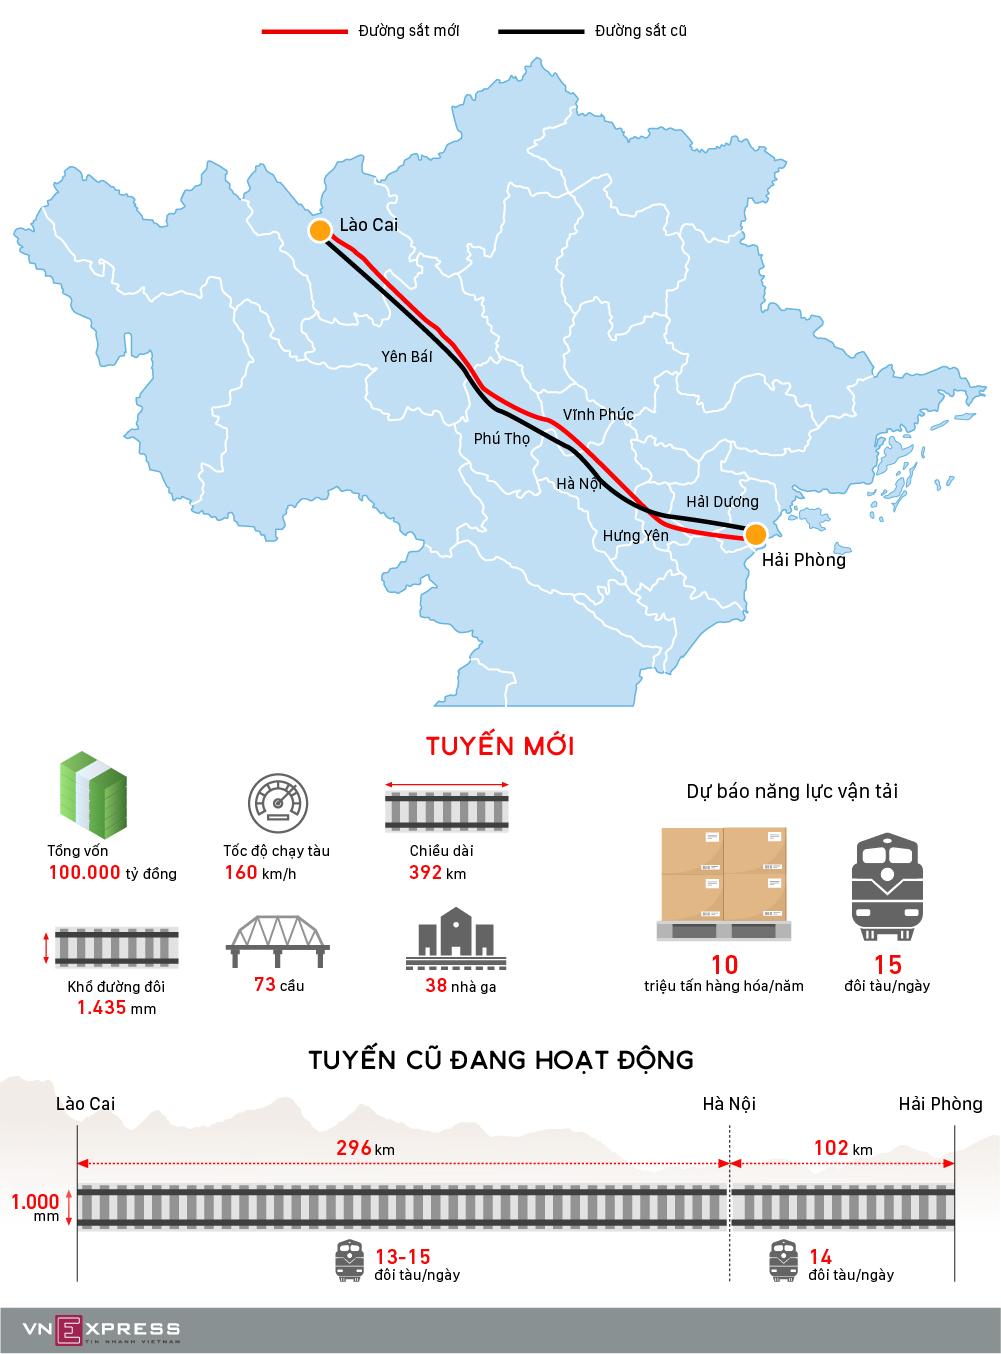 Đường sắt Lào Cai - Hà Nội - Hải Phòng được quy hoạch như thế nào?